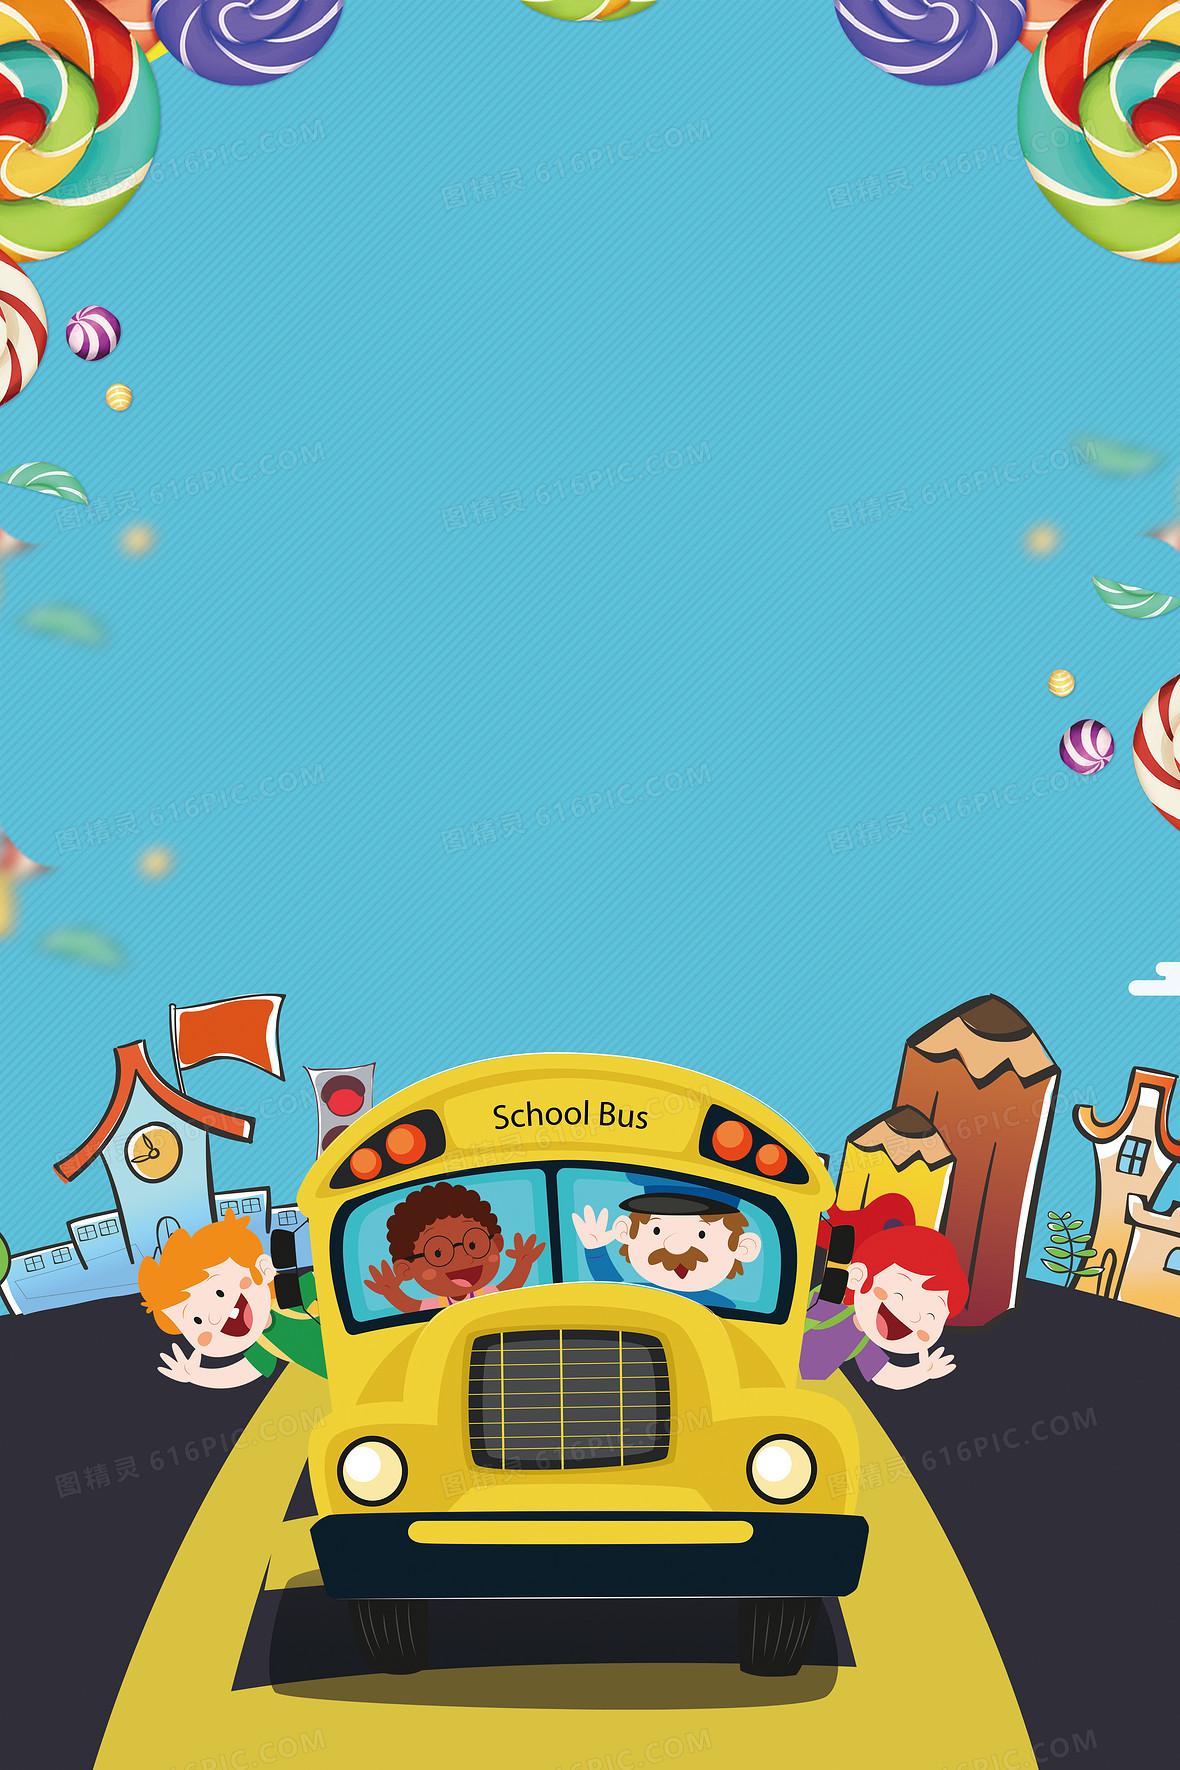 卡通手绘可爱幼儿园招生开学